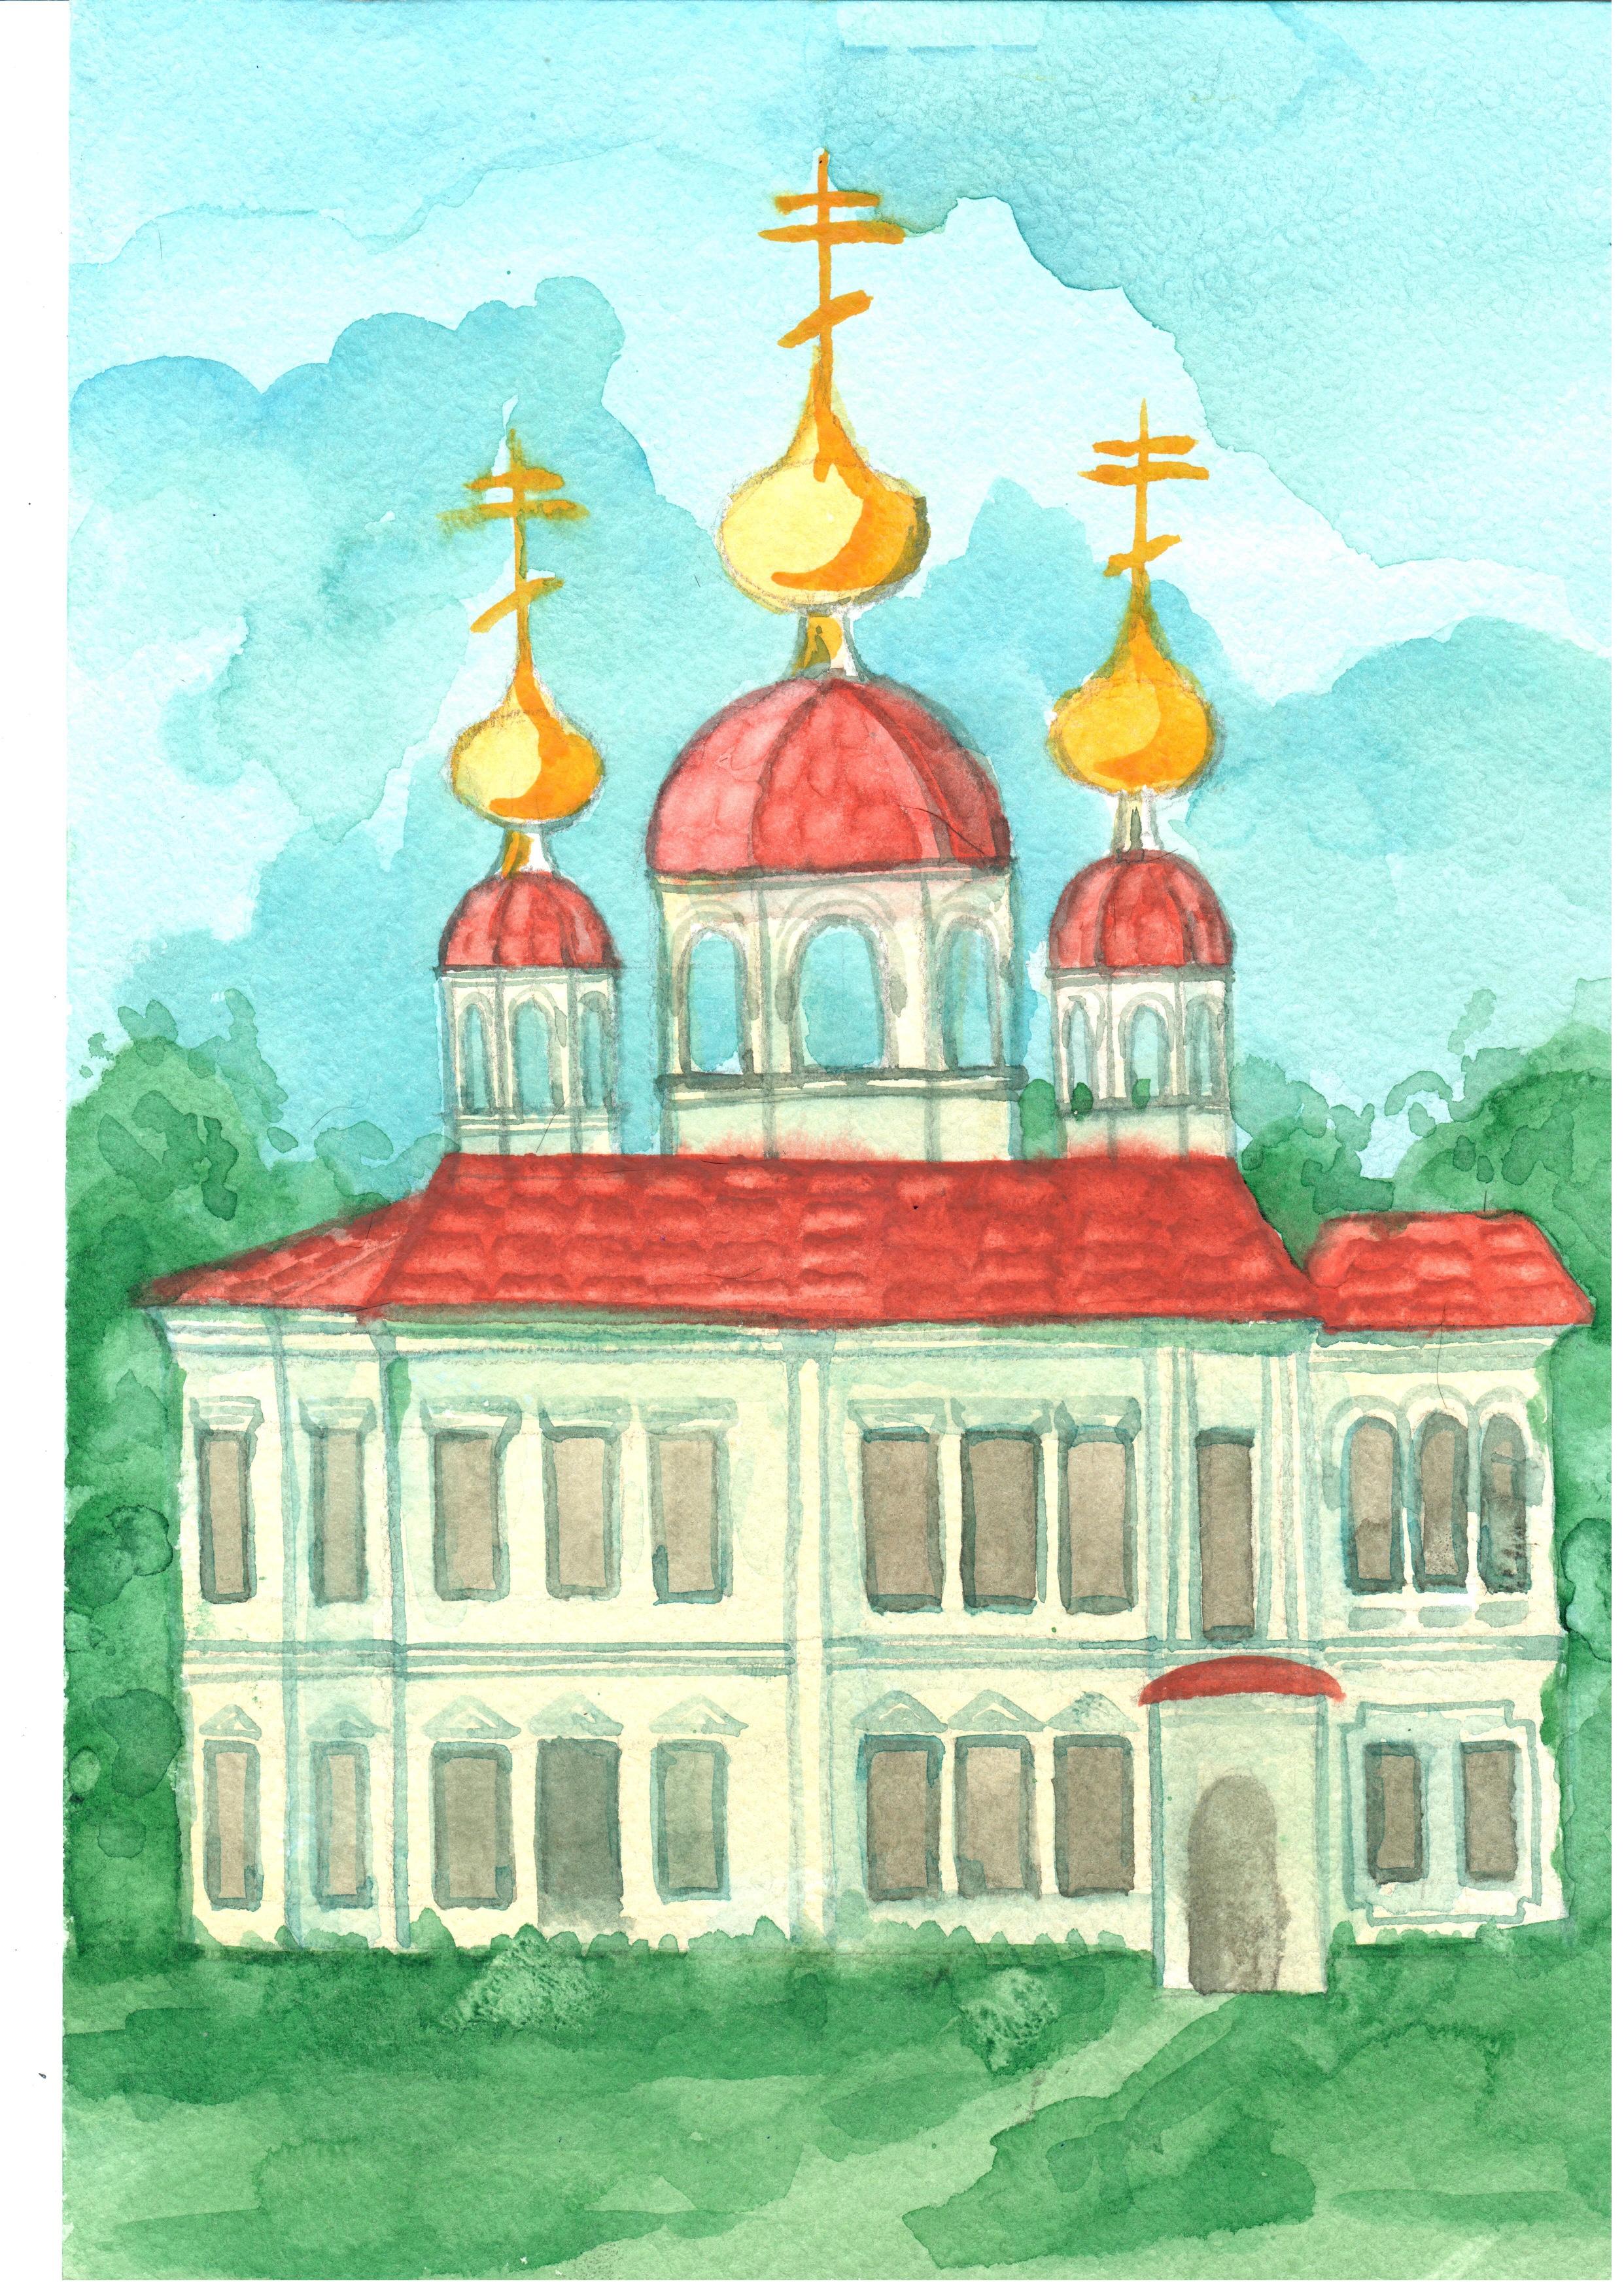 Рисунок 3 - Эскиз восстановления Ильинской Церкви. Автор - Базуева Алена Николаевна.